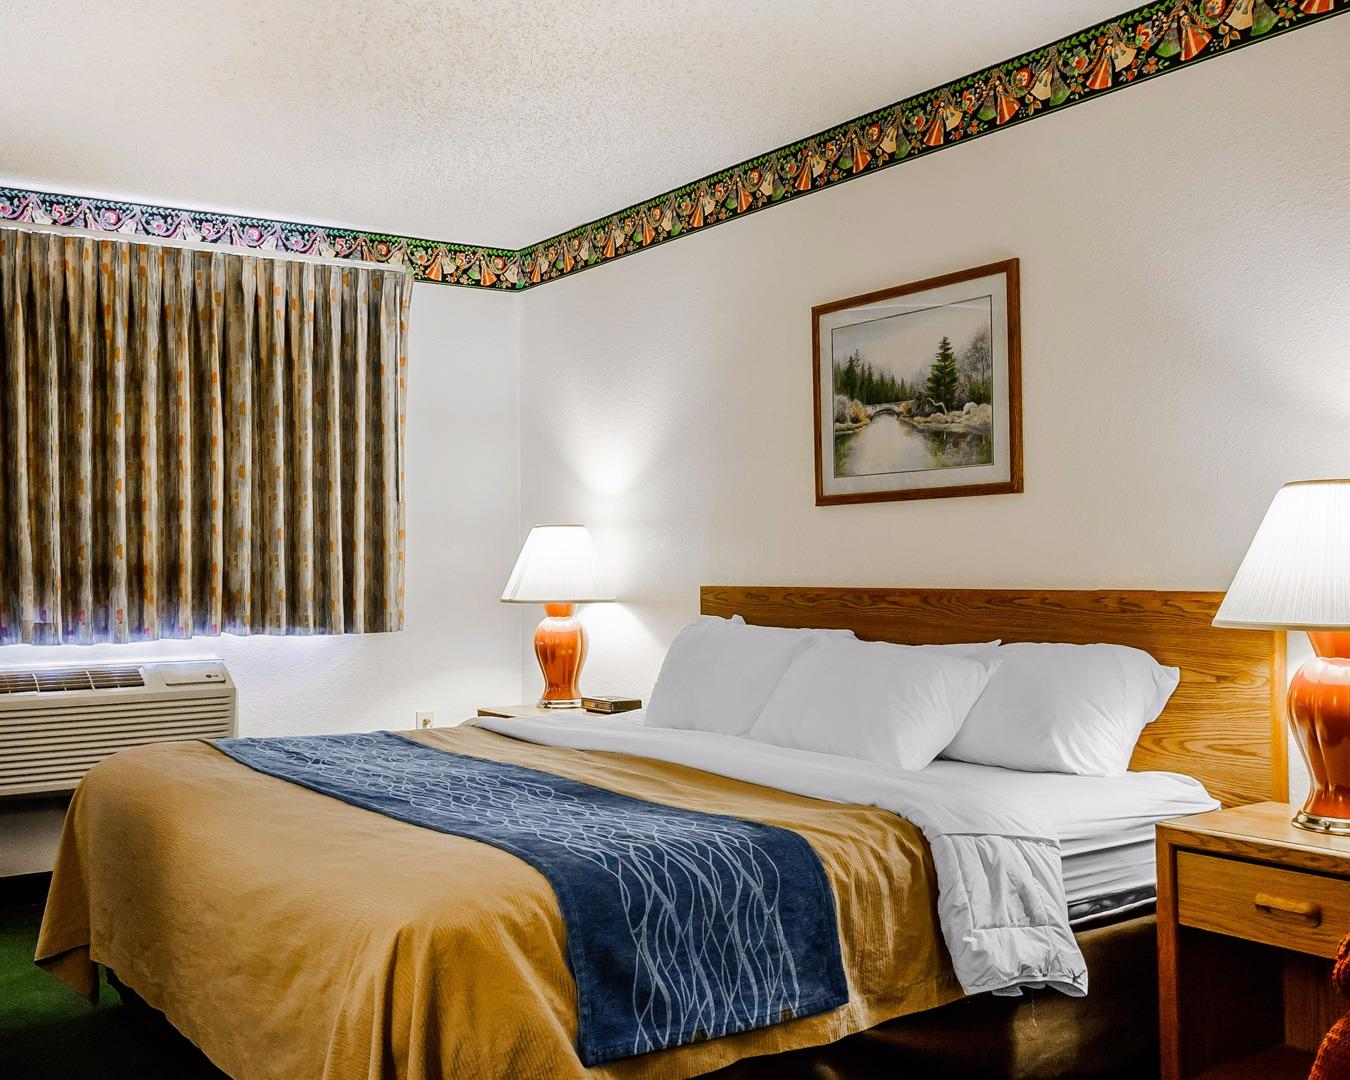 Quality Inn, Ozark MO